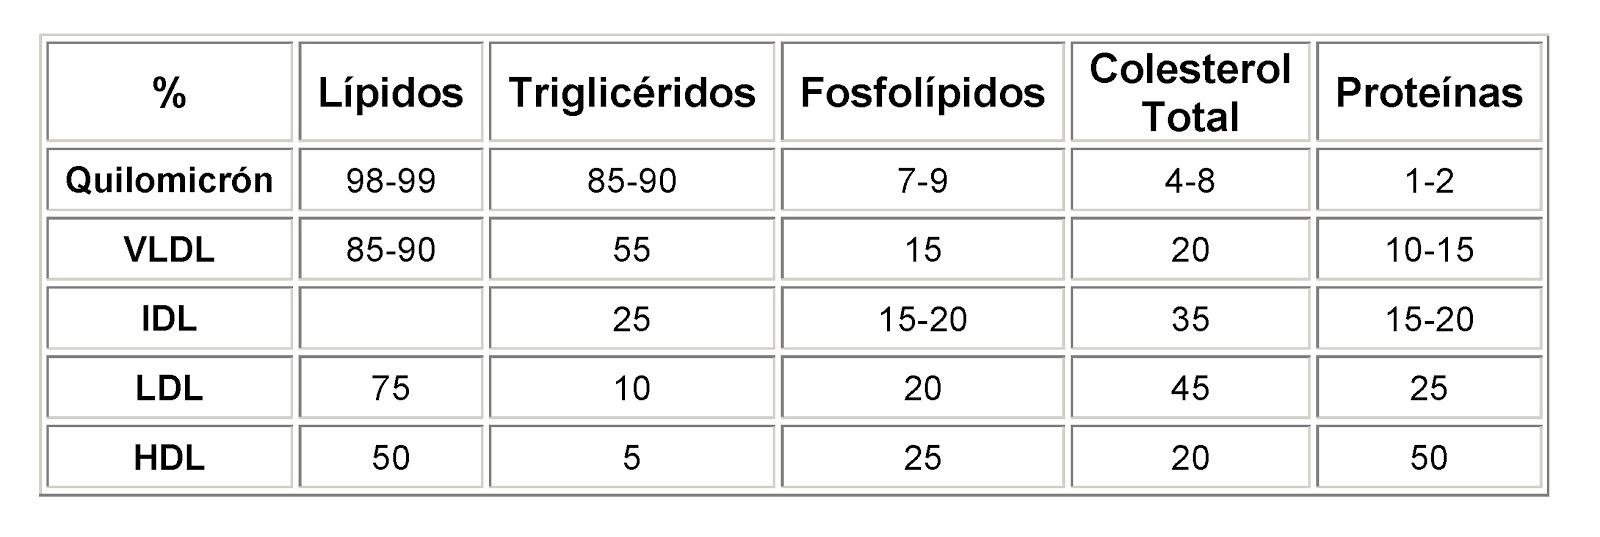 Composición en lípidos y proteínas de cada tipo de lipoproteínas